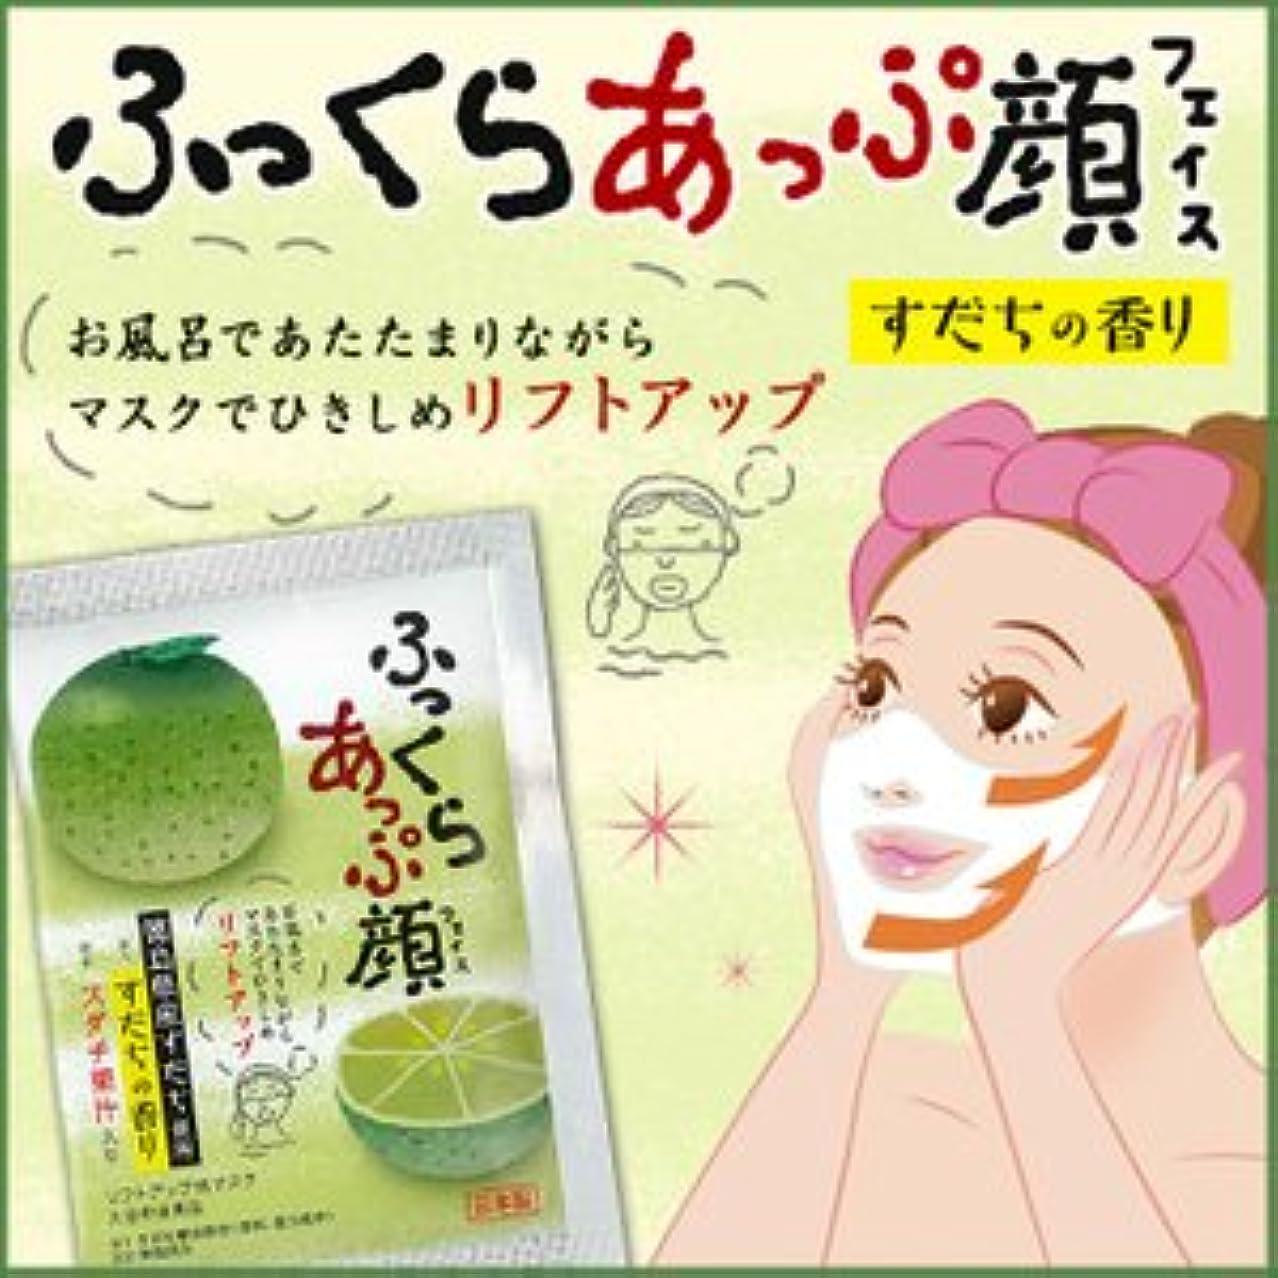 思いつく同意鼻リフトアップ フェイスマスク すだちの香り(20ml×1×7枚)